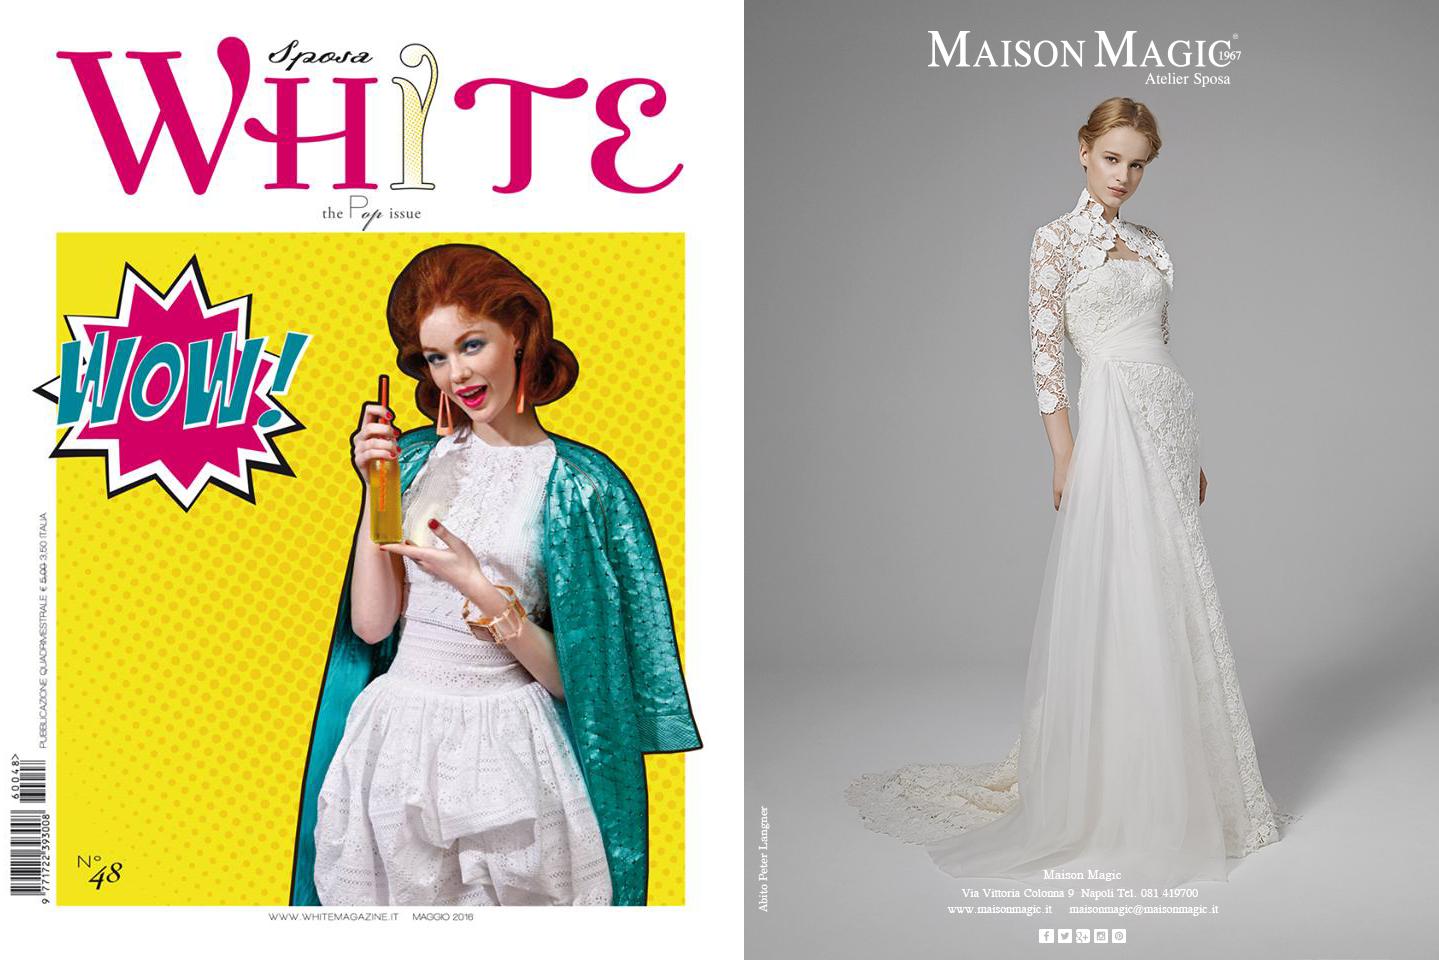 0314eb3dc8f5 Maison Magic Atelier Sposa sulle pagine del nuovo numero di White Sposa in  Edicola. - MAISON MAGIC